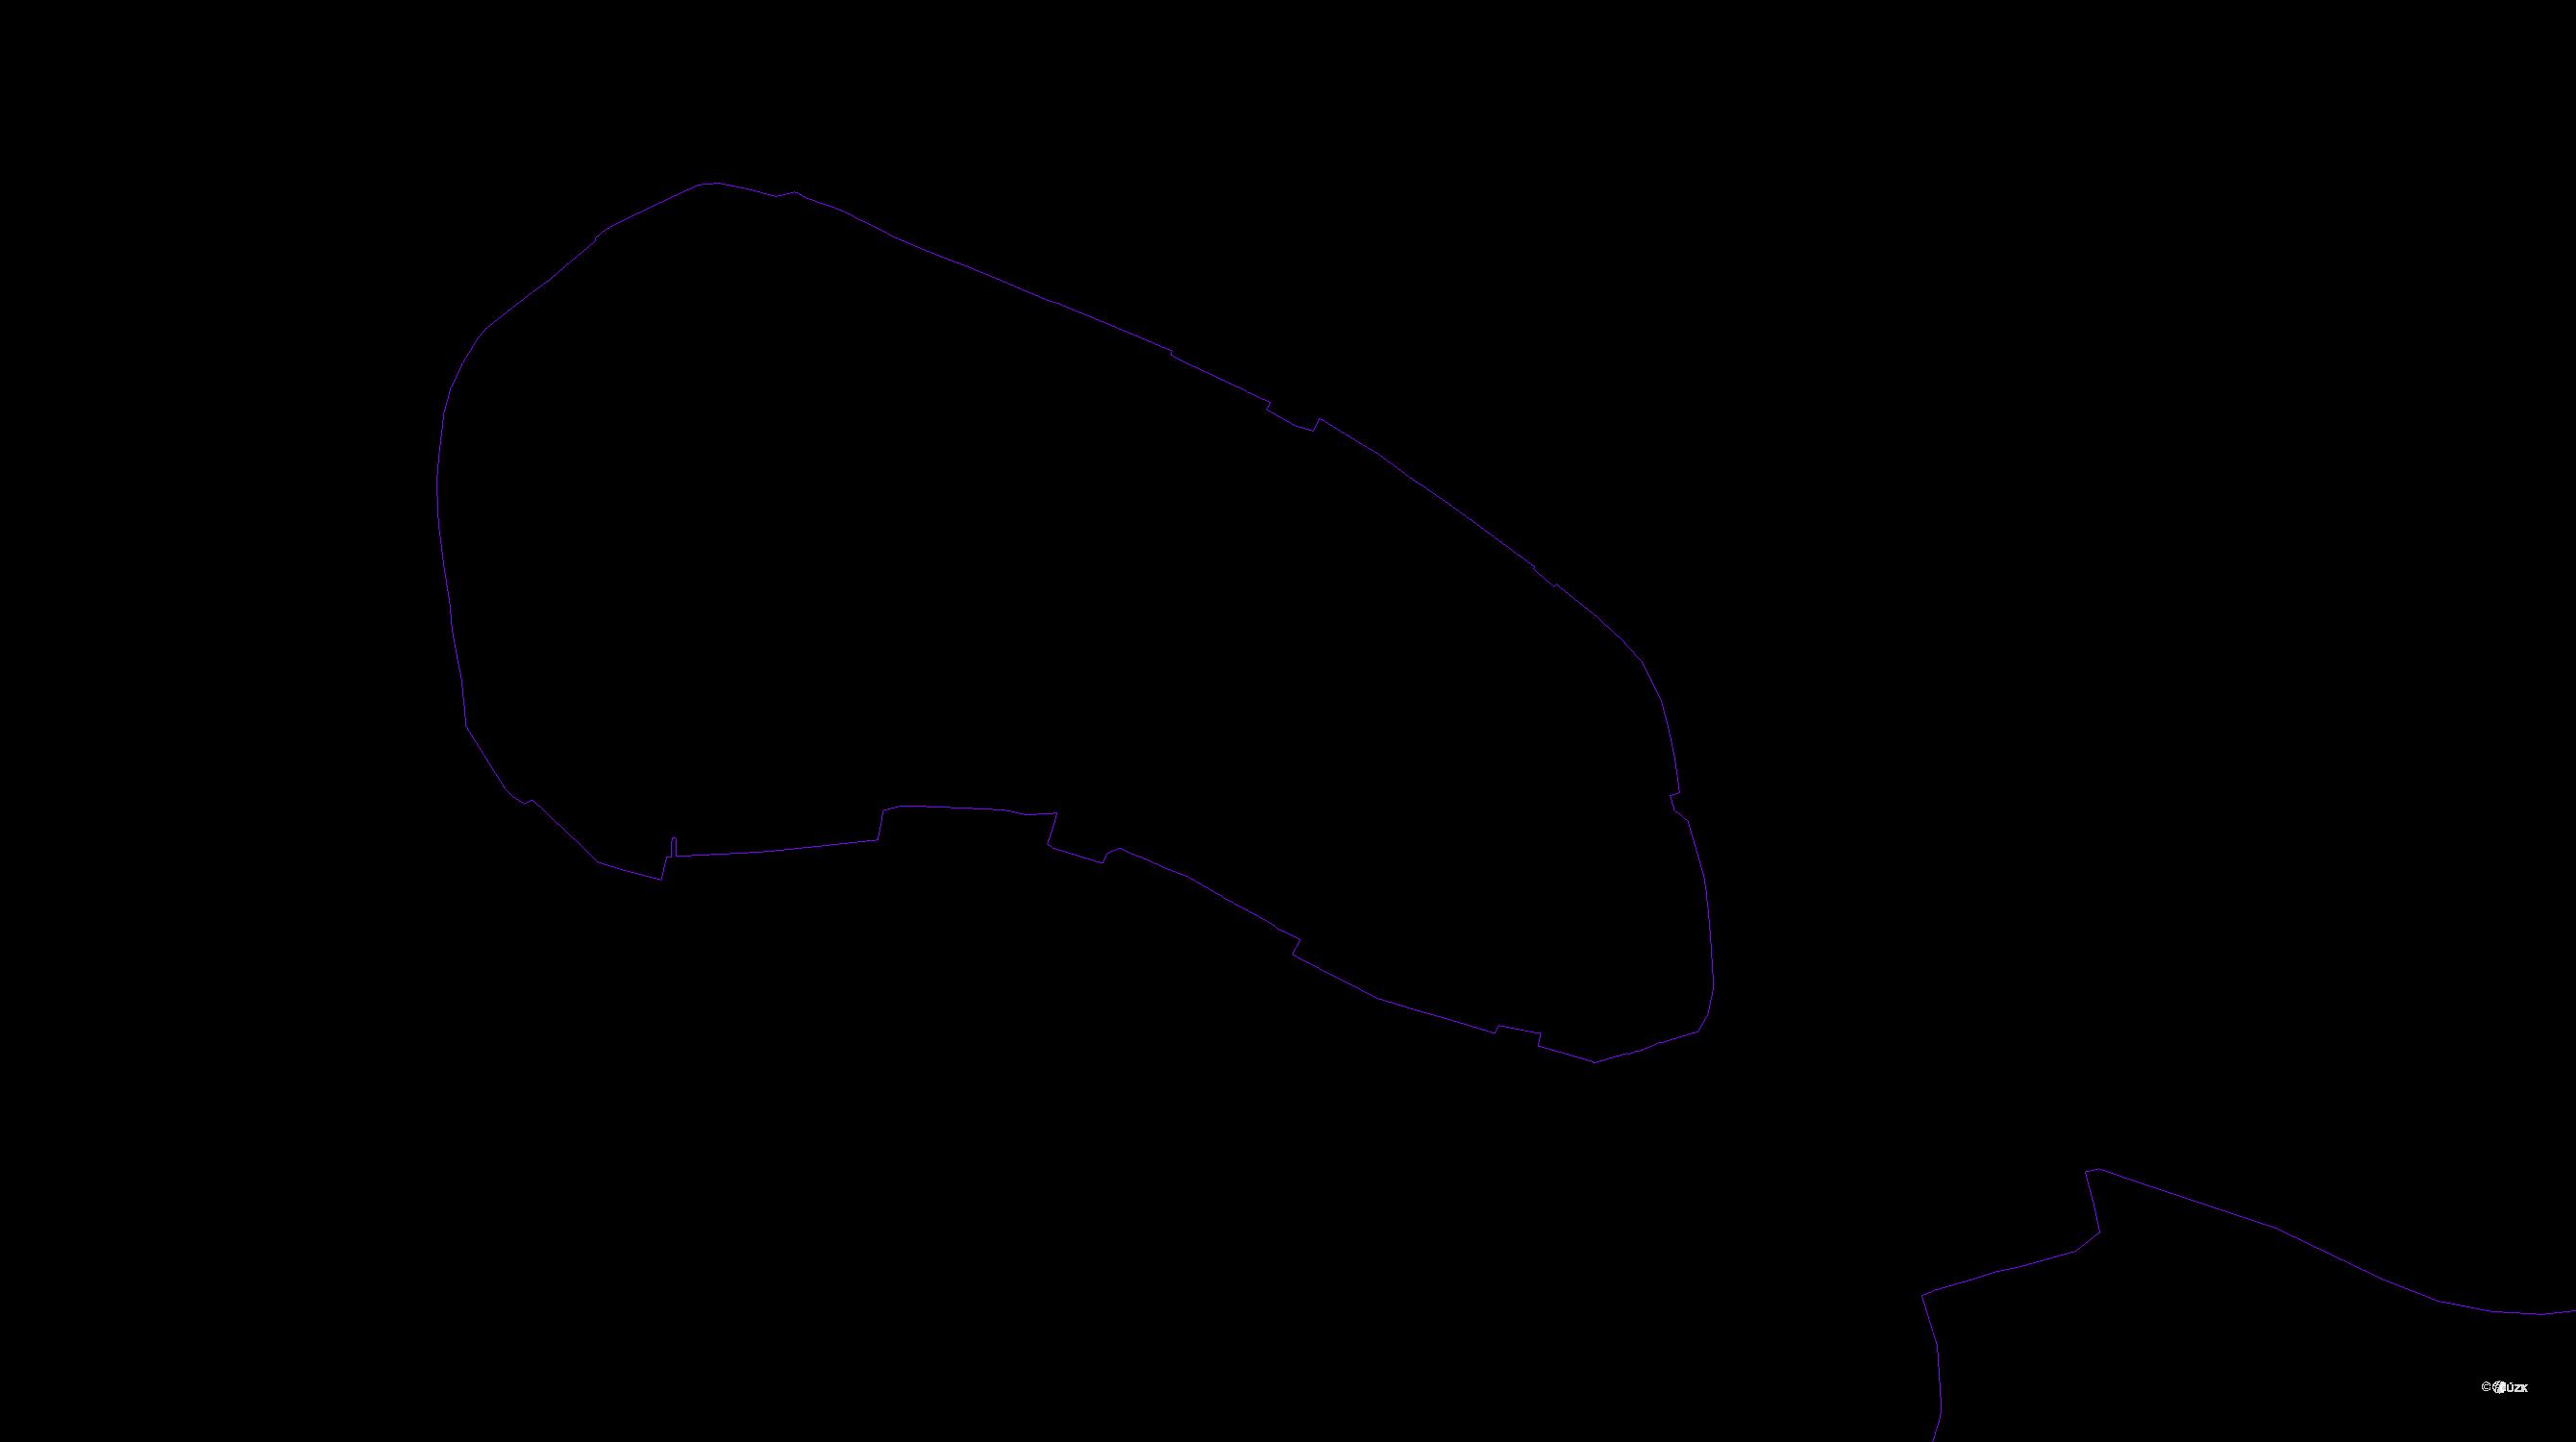 Katastrální mapa pozemků a čísla parcel Svitavy-město